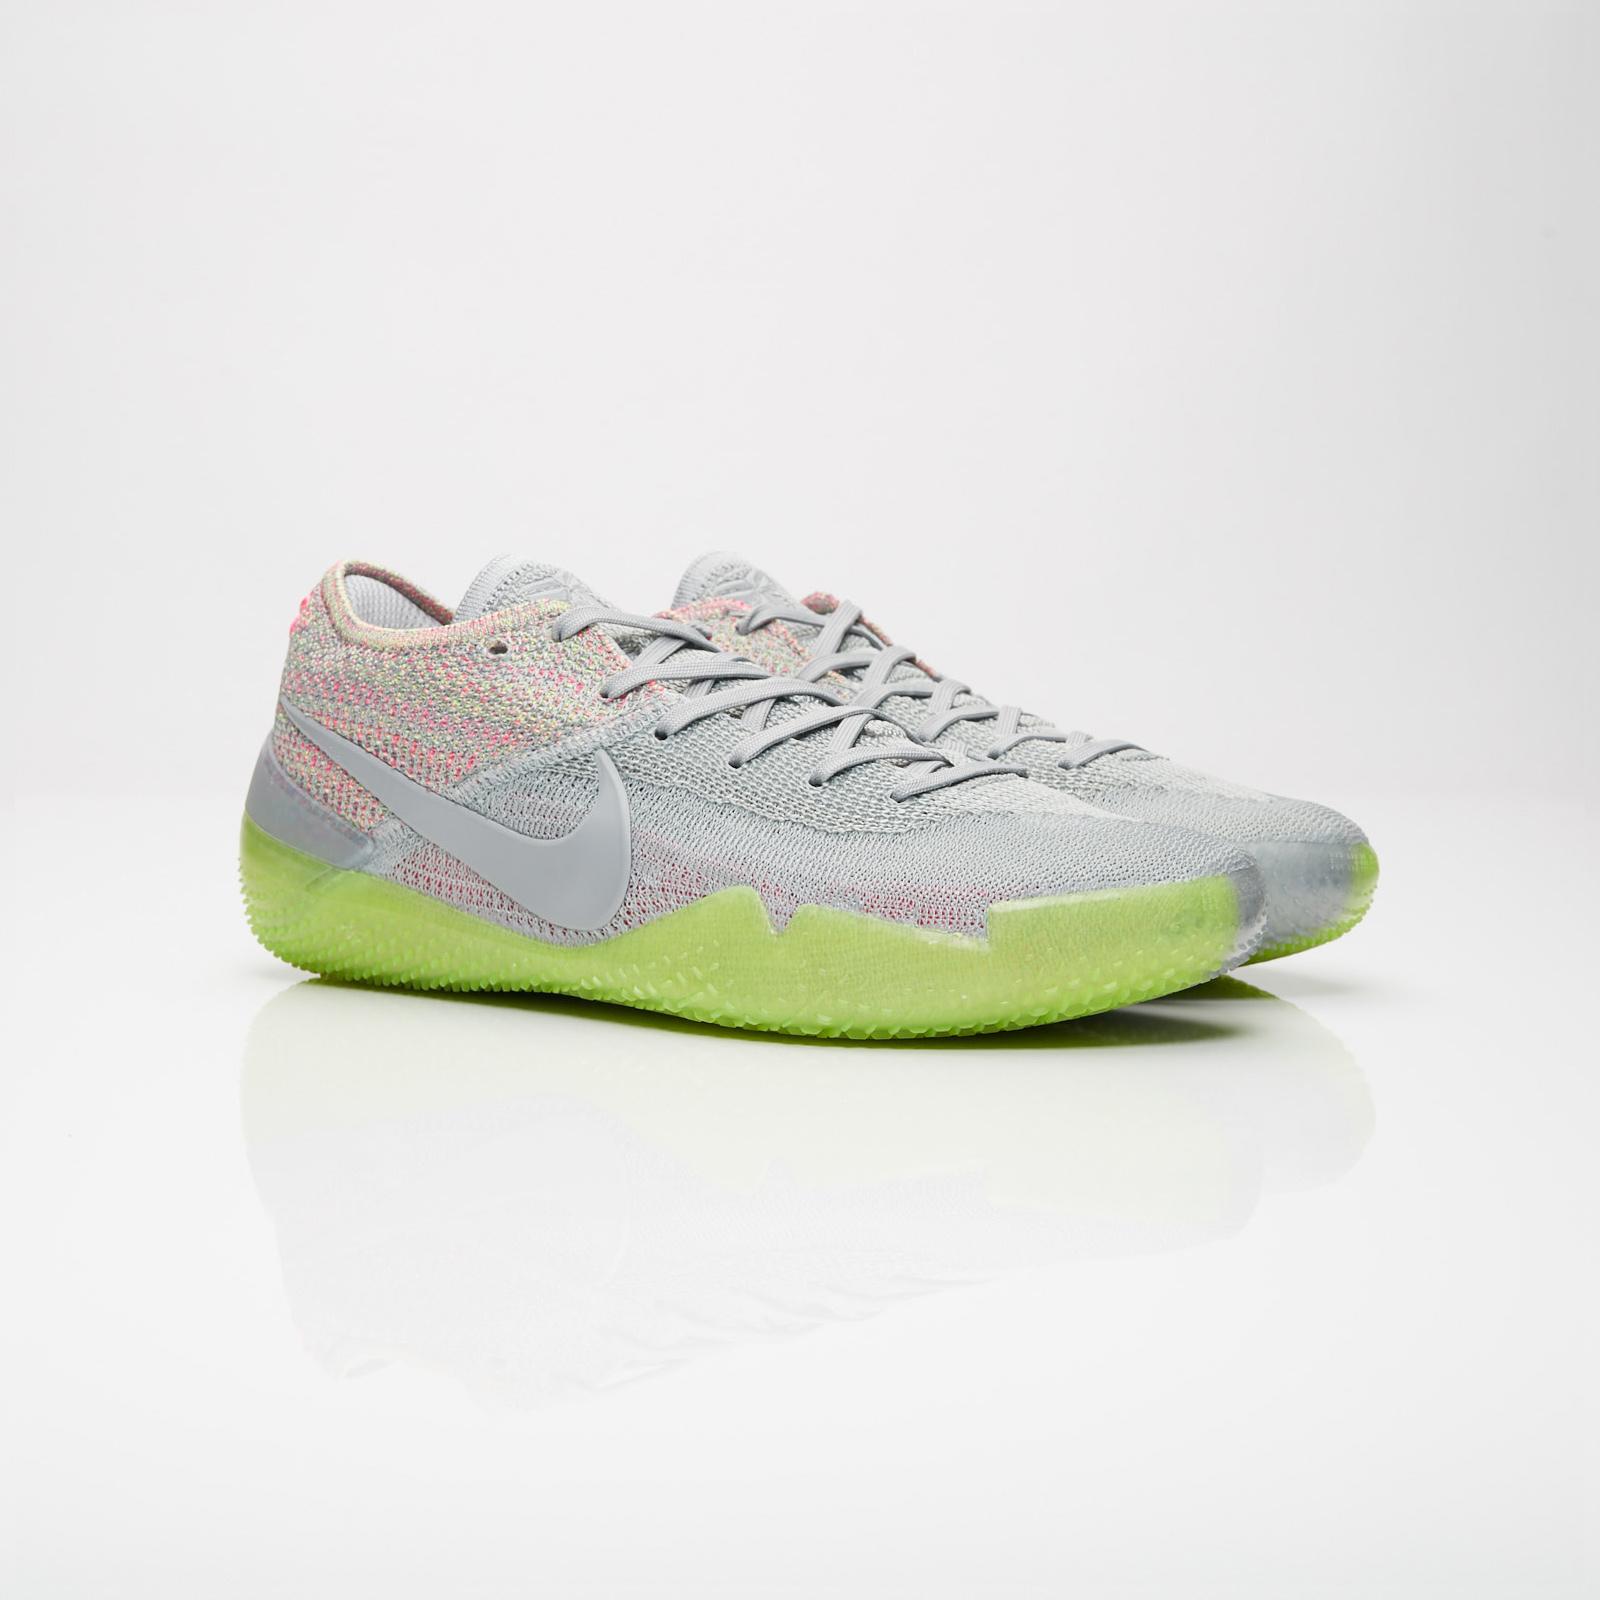 new style d2525 a62ff Nike Kobe AD Nxt 360 - Aq1087-003 - Sneakersnstuff ...